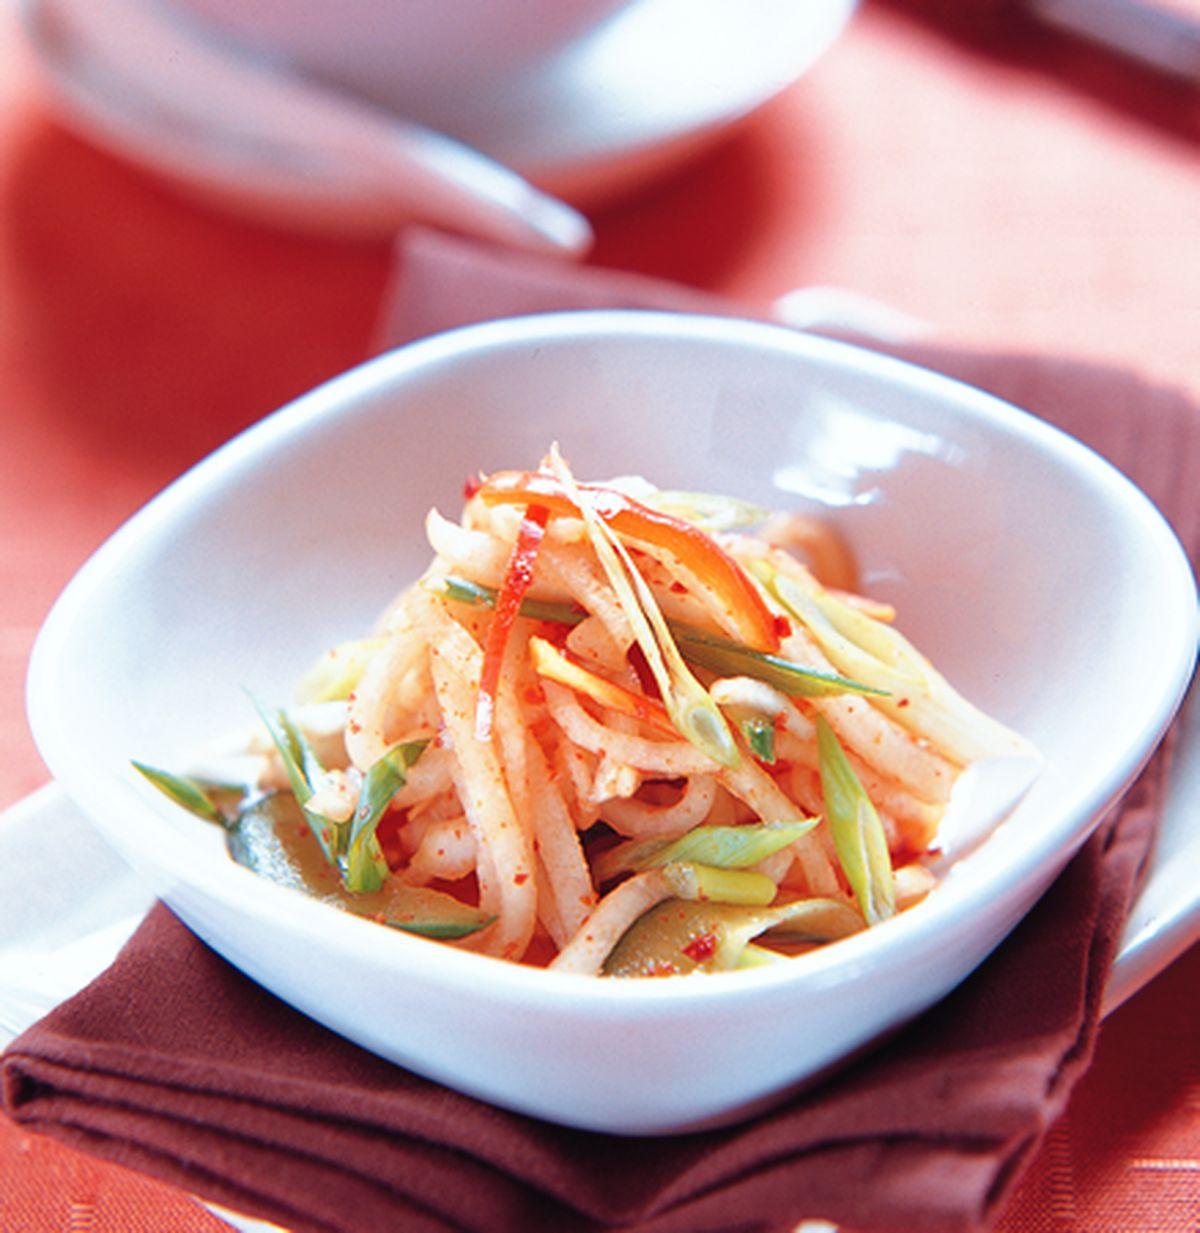 食譜:蘿蔔絲泡菜